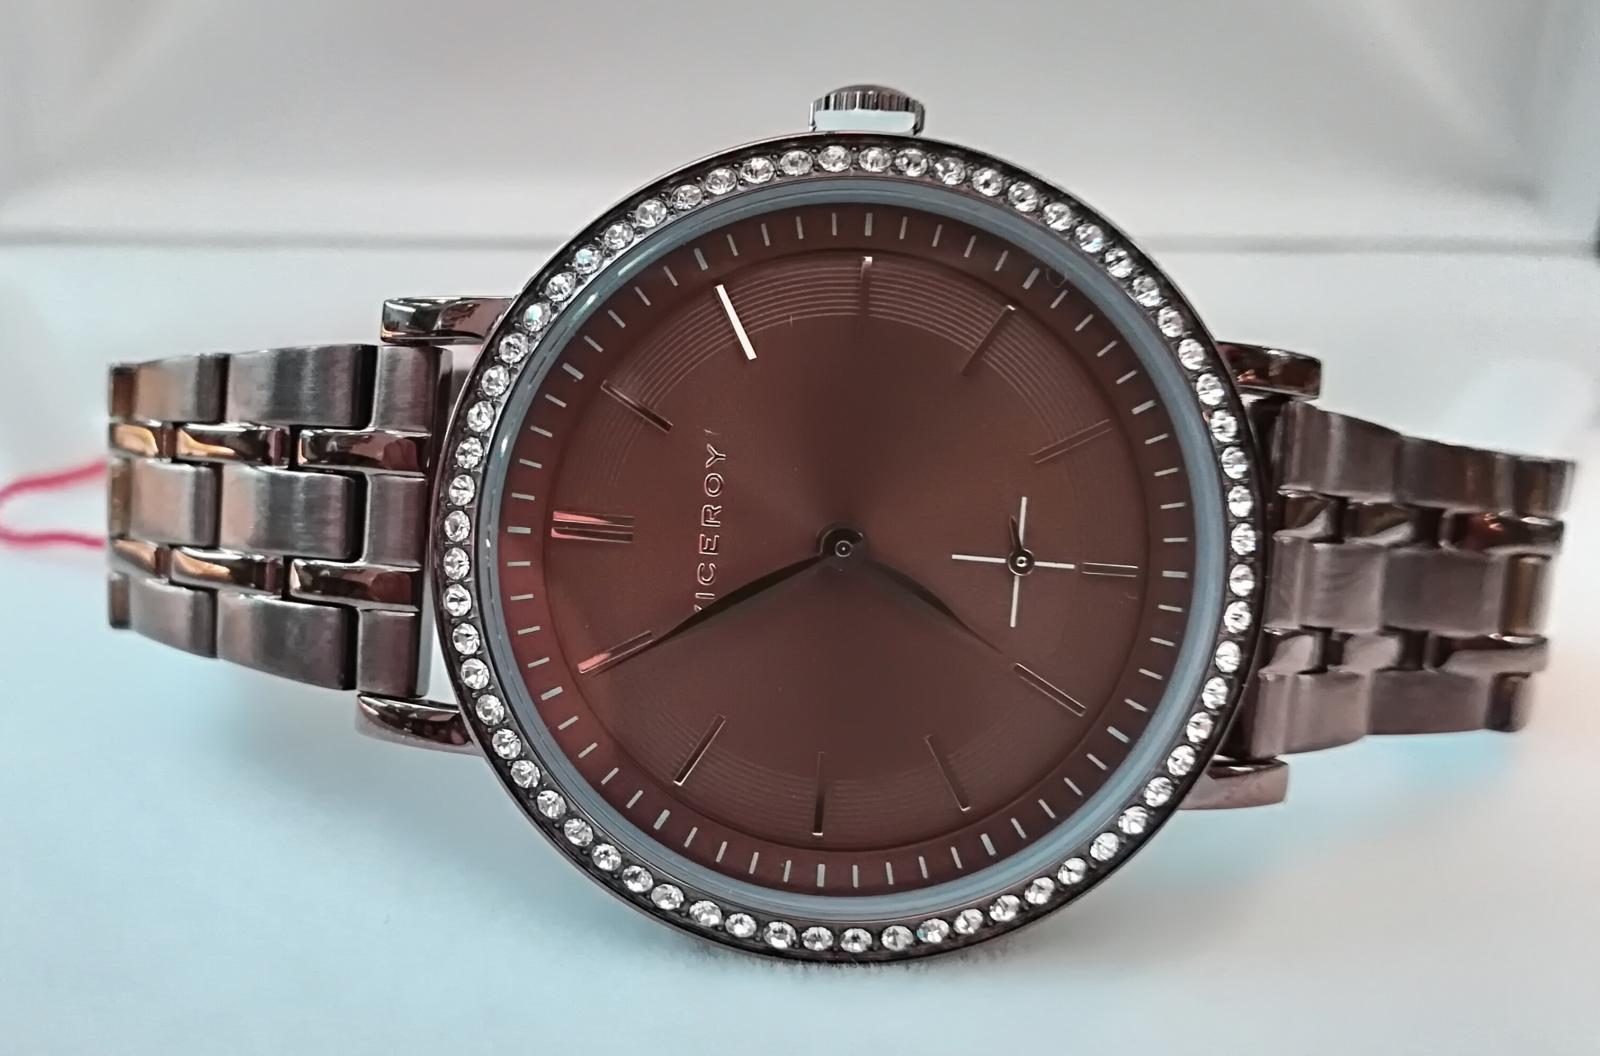 Reloj Viceroy Mujer Nueva Coleccion Ref: 471112-47